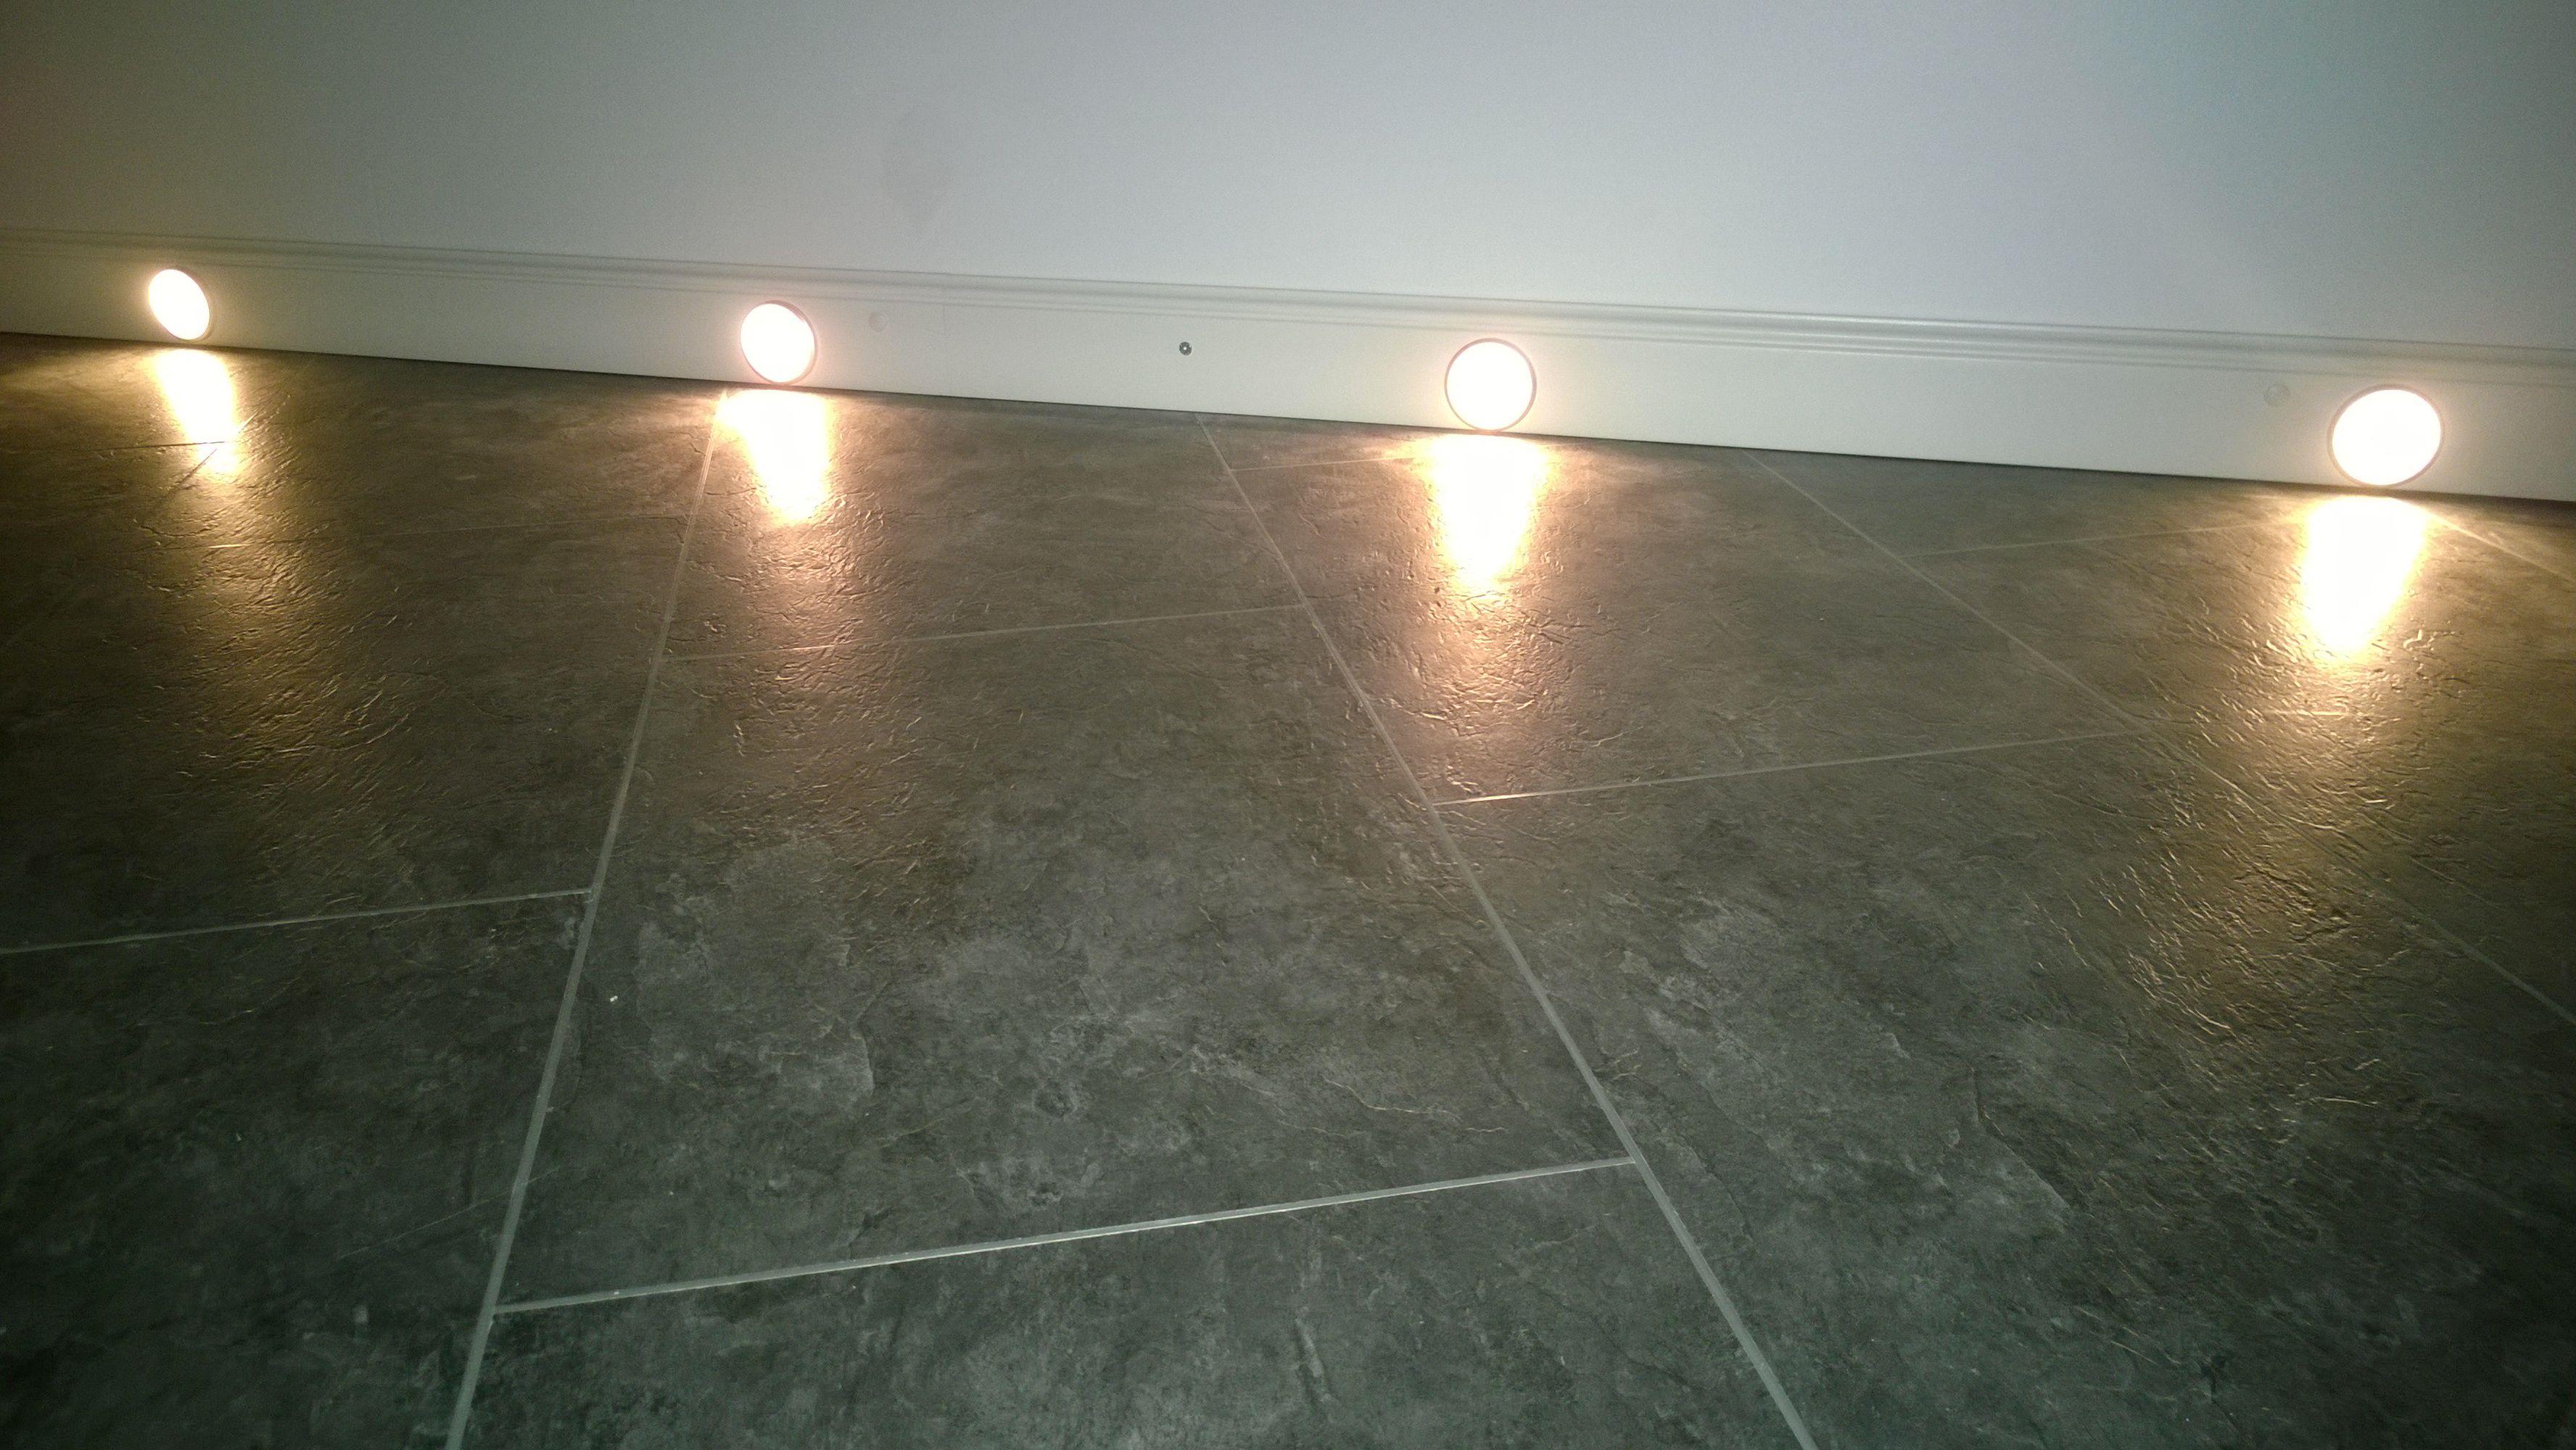 Vinylfussboden Mit Klassische Stilvolle Zeitlose Nmc Sockelleiste Fussleisten Mit Led Beleuchtung Maler Tommaso Vinyl Fussboden Sockelleisten Led Beleuchtung